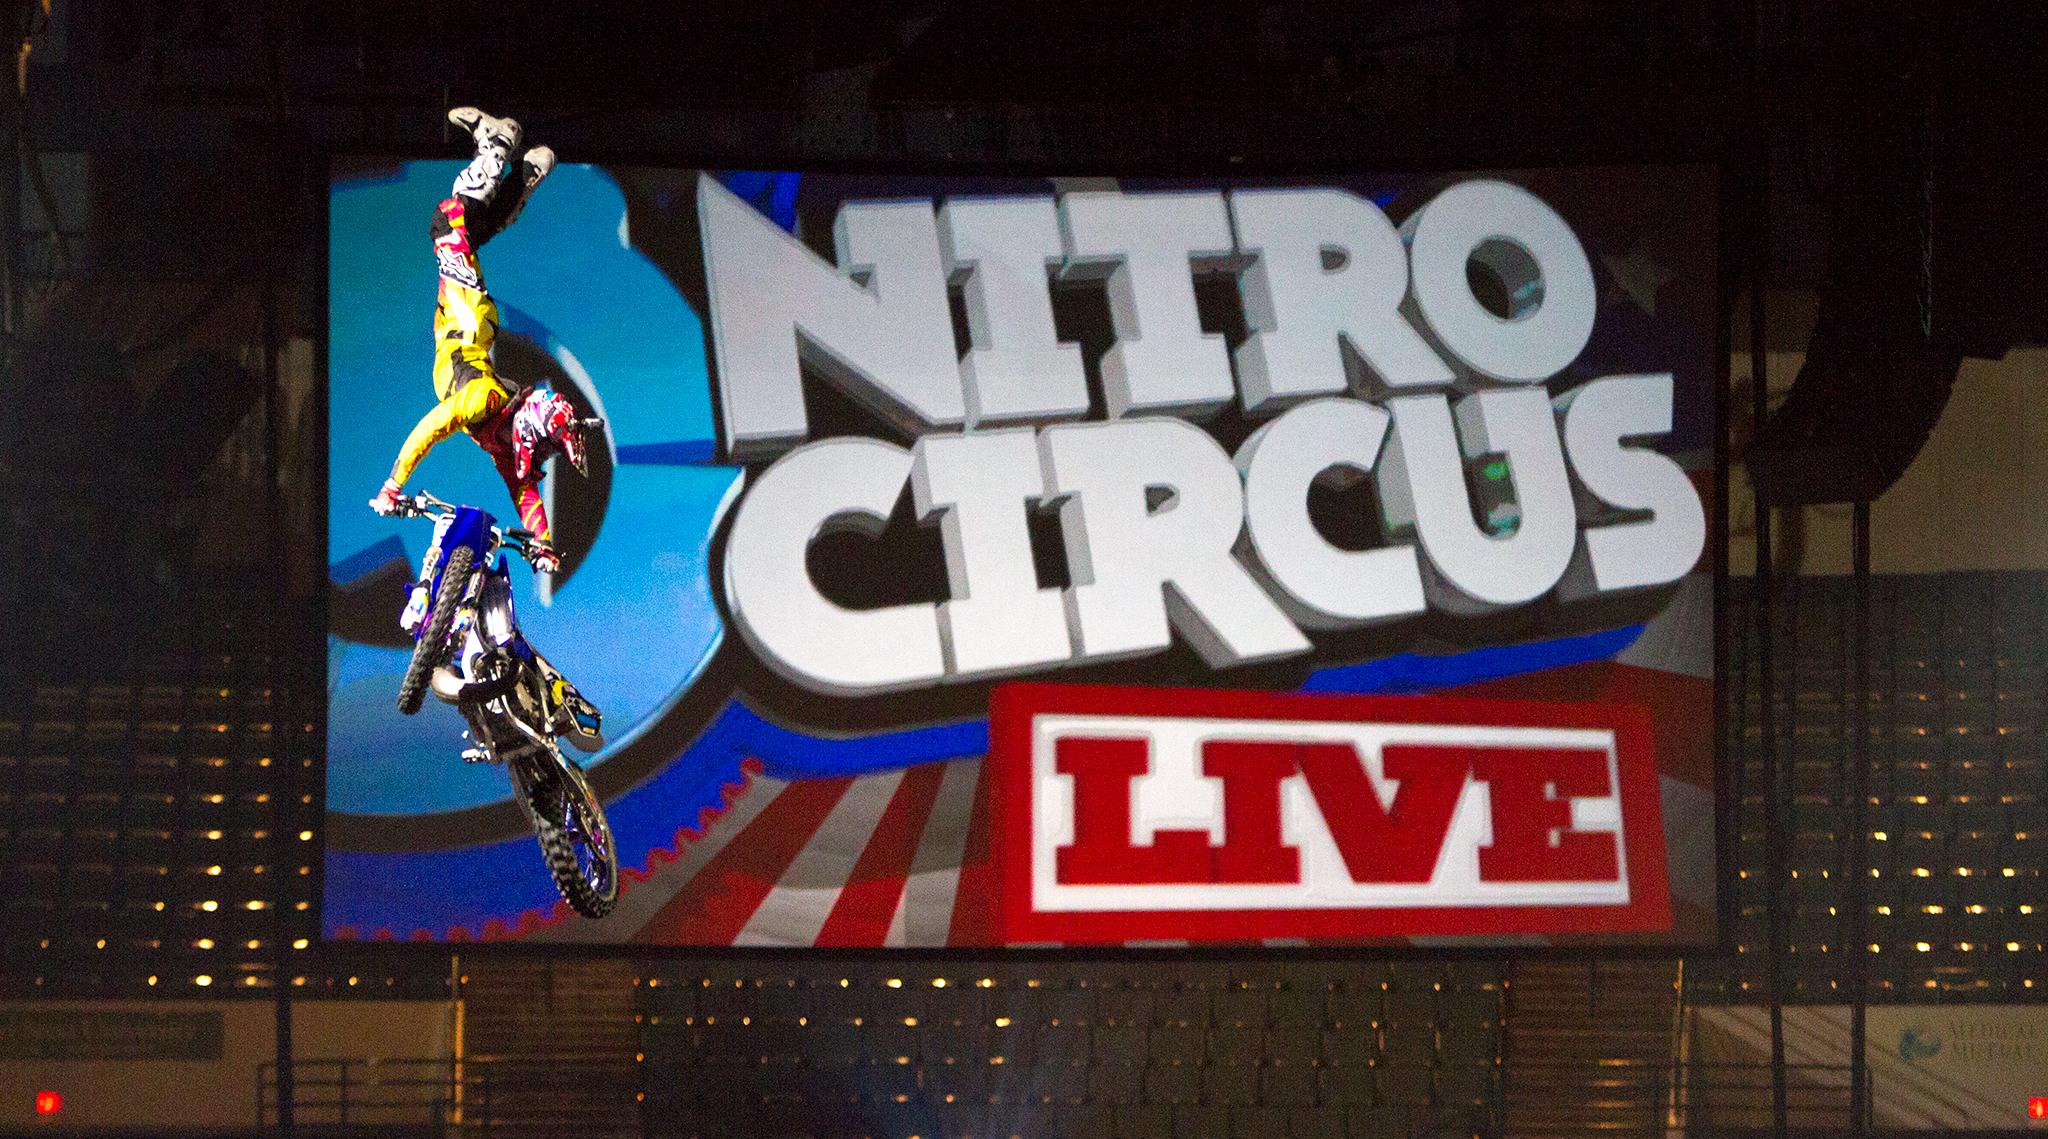 Nitro Circus Live viaja para a Am�rica do Norte